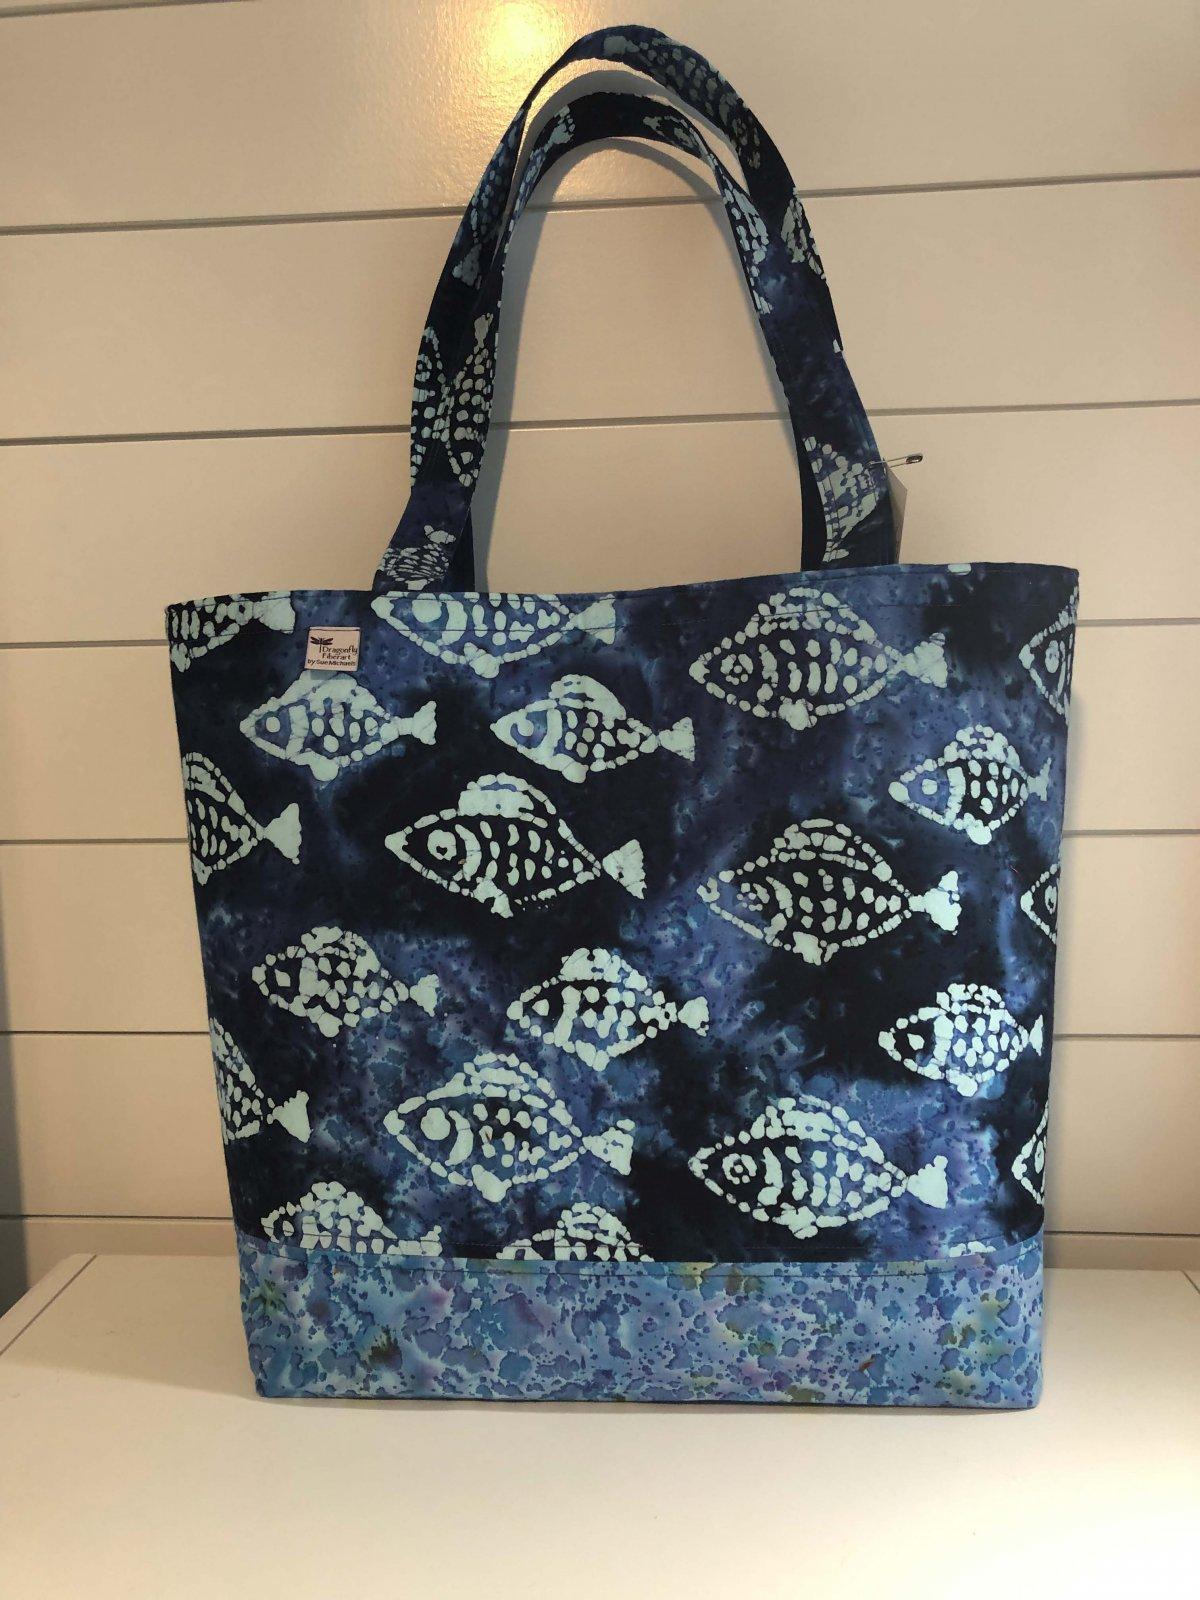 The OOB Bag - Blue Batik Fish